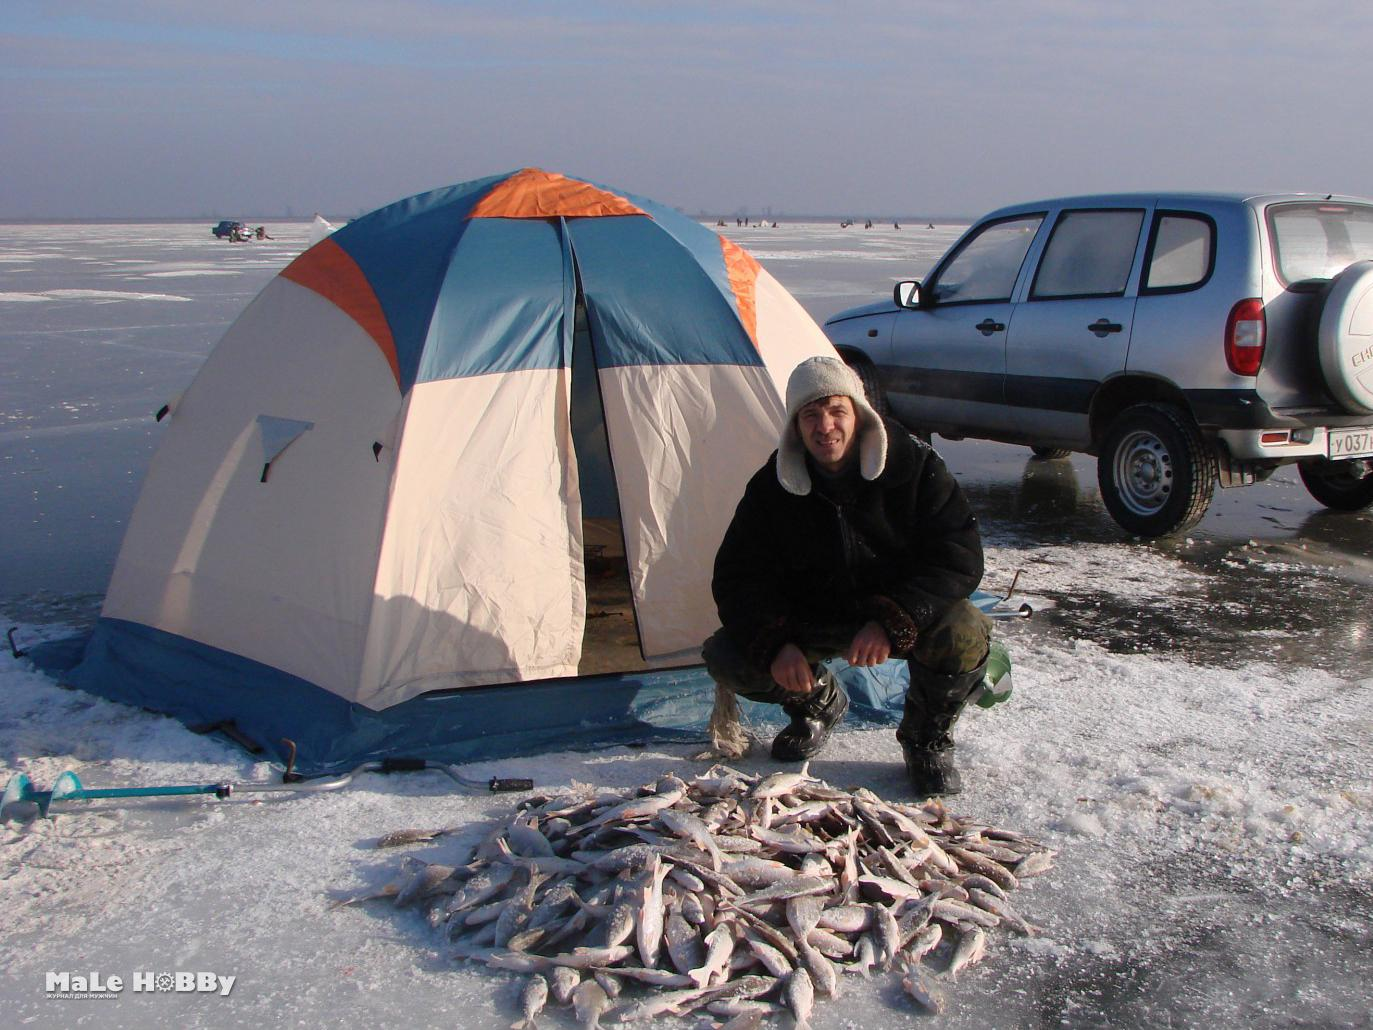 Фион рыбалка в братске, Город братск - Рыболовный форум Fion - все о летней 30 фотография